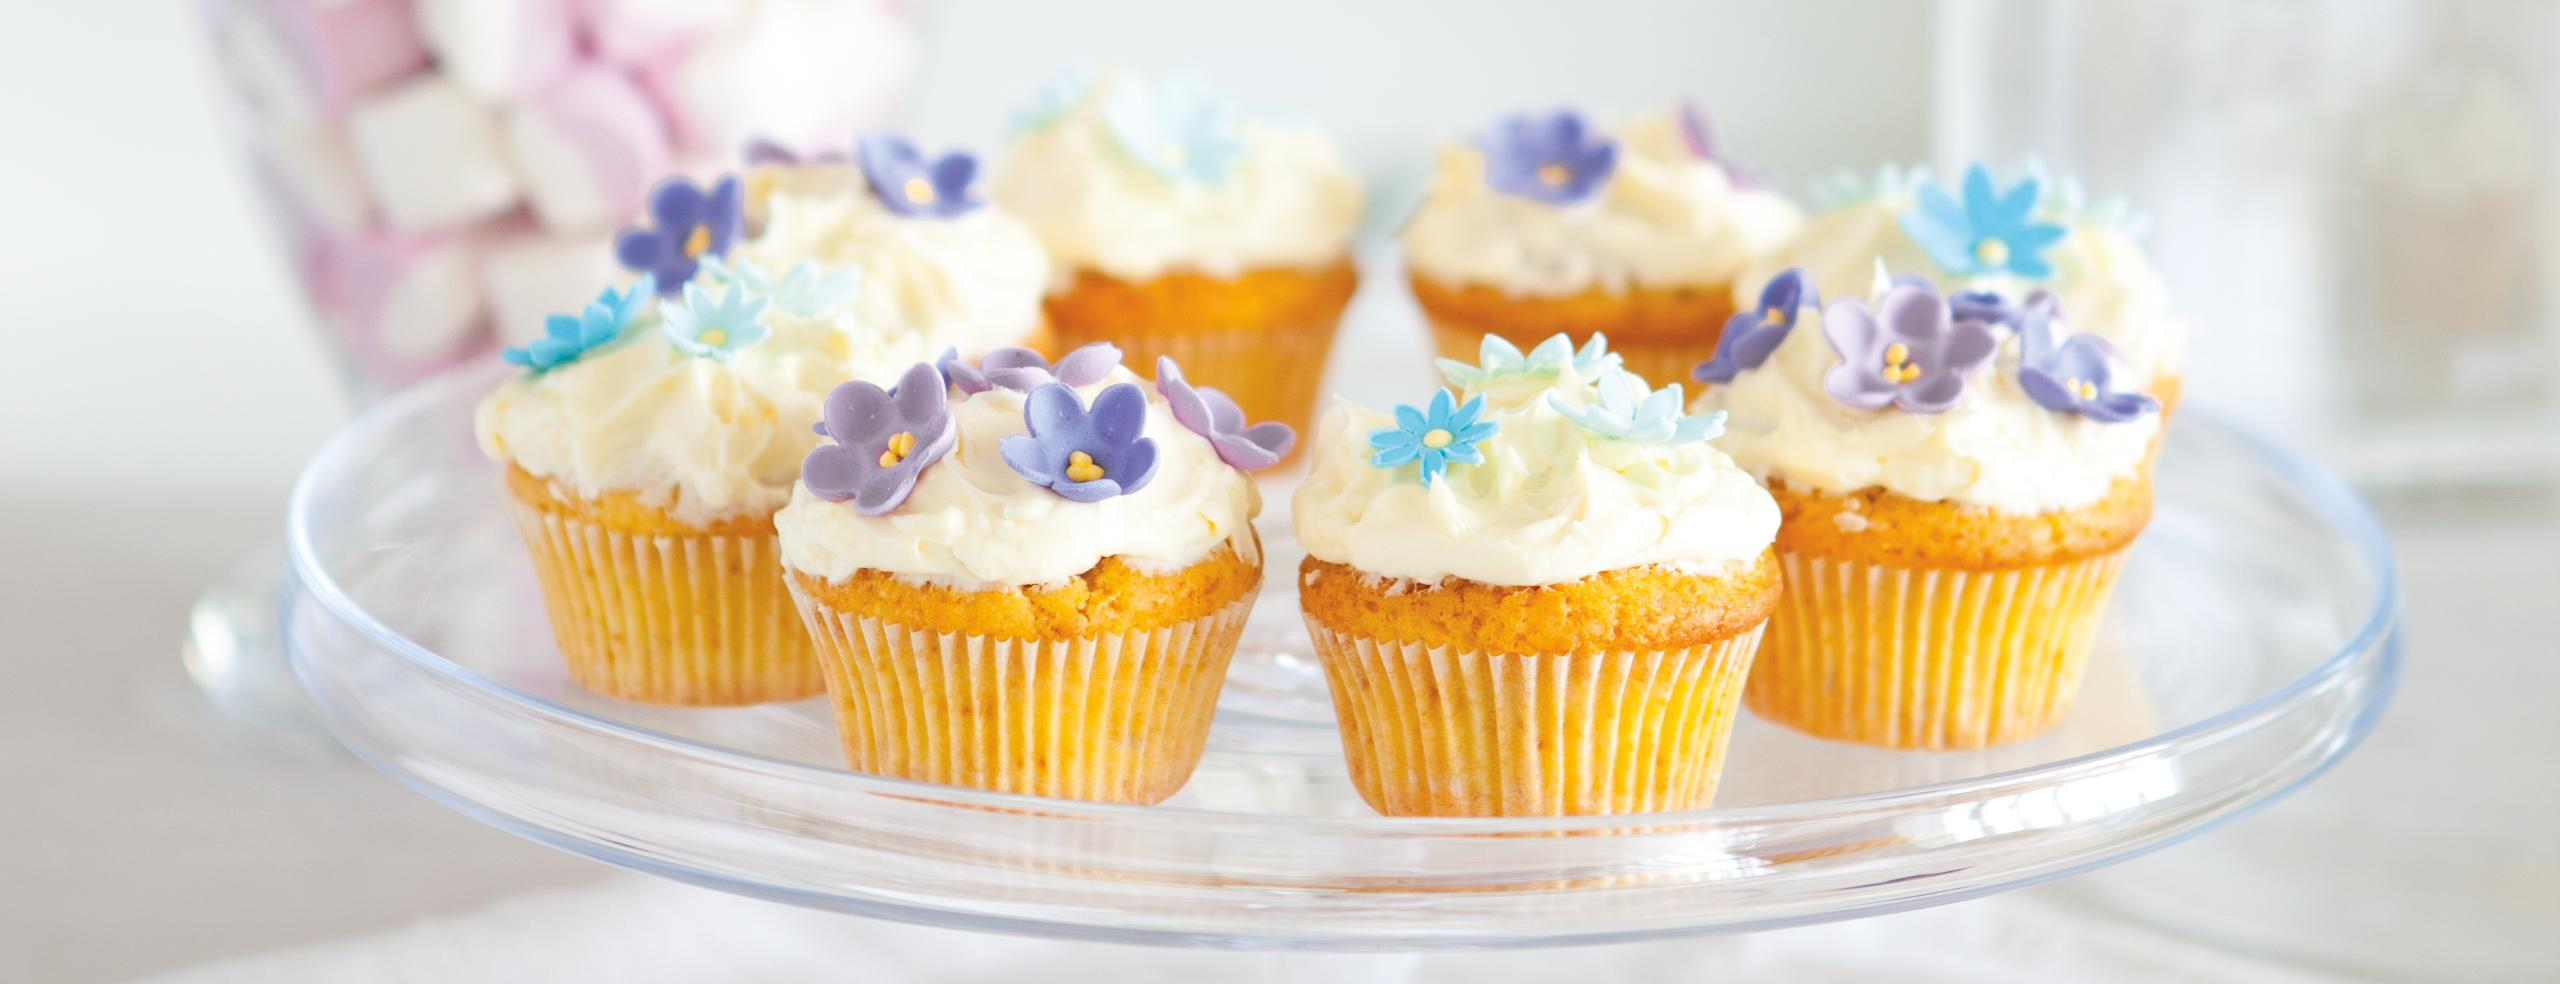 Velikonoční muffiny